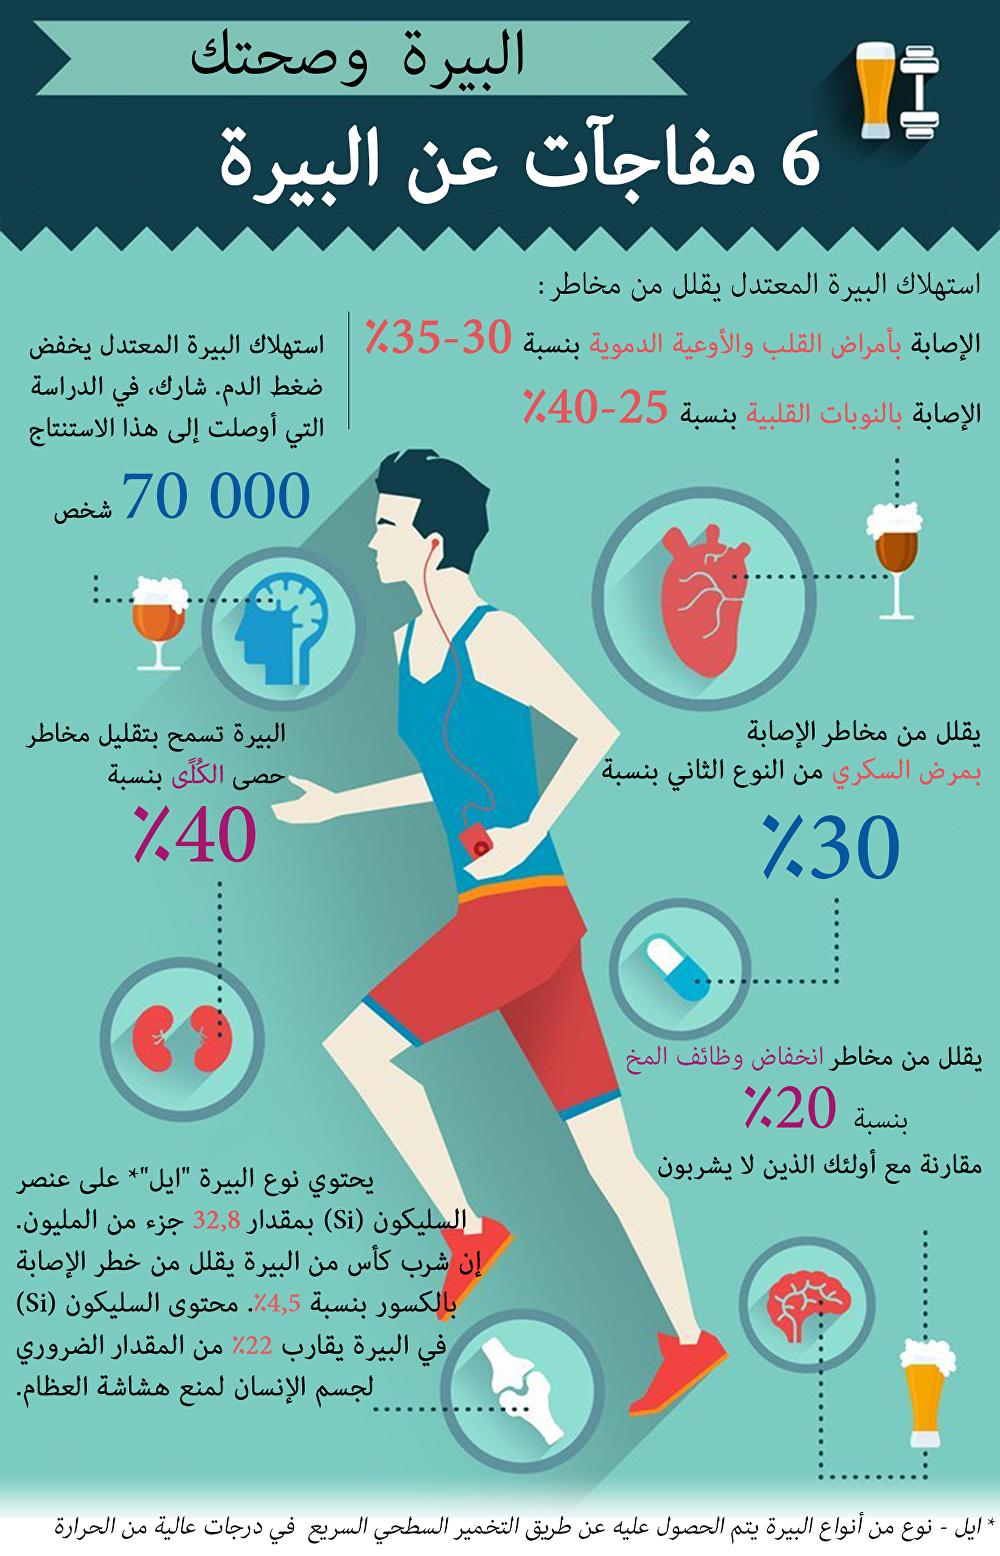 البيرة وصحتك